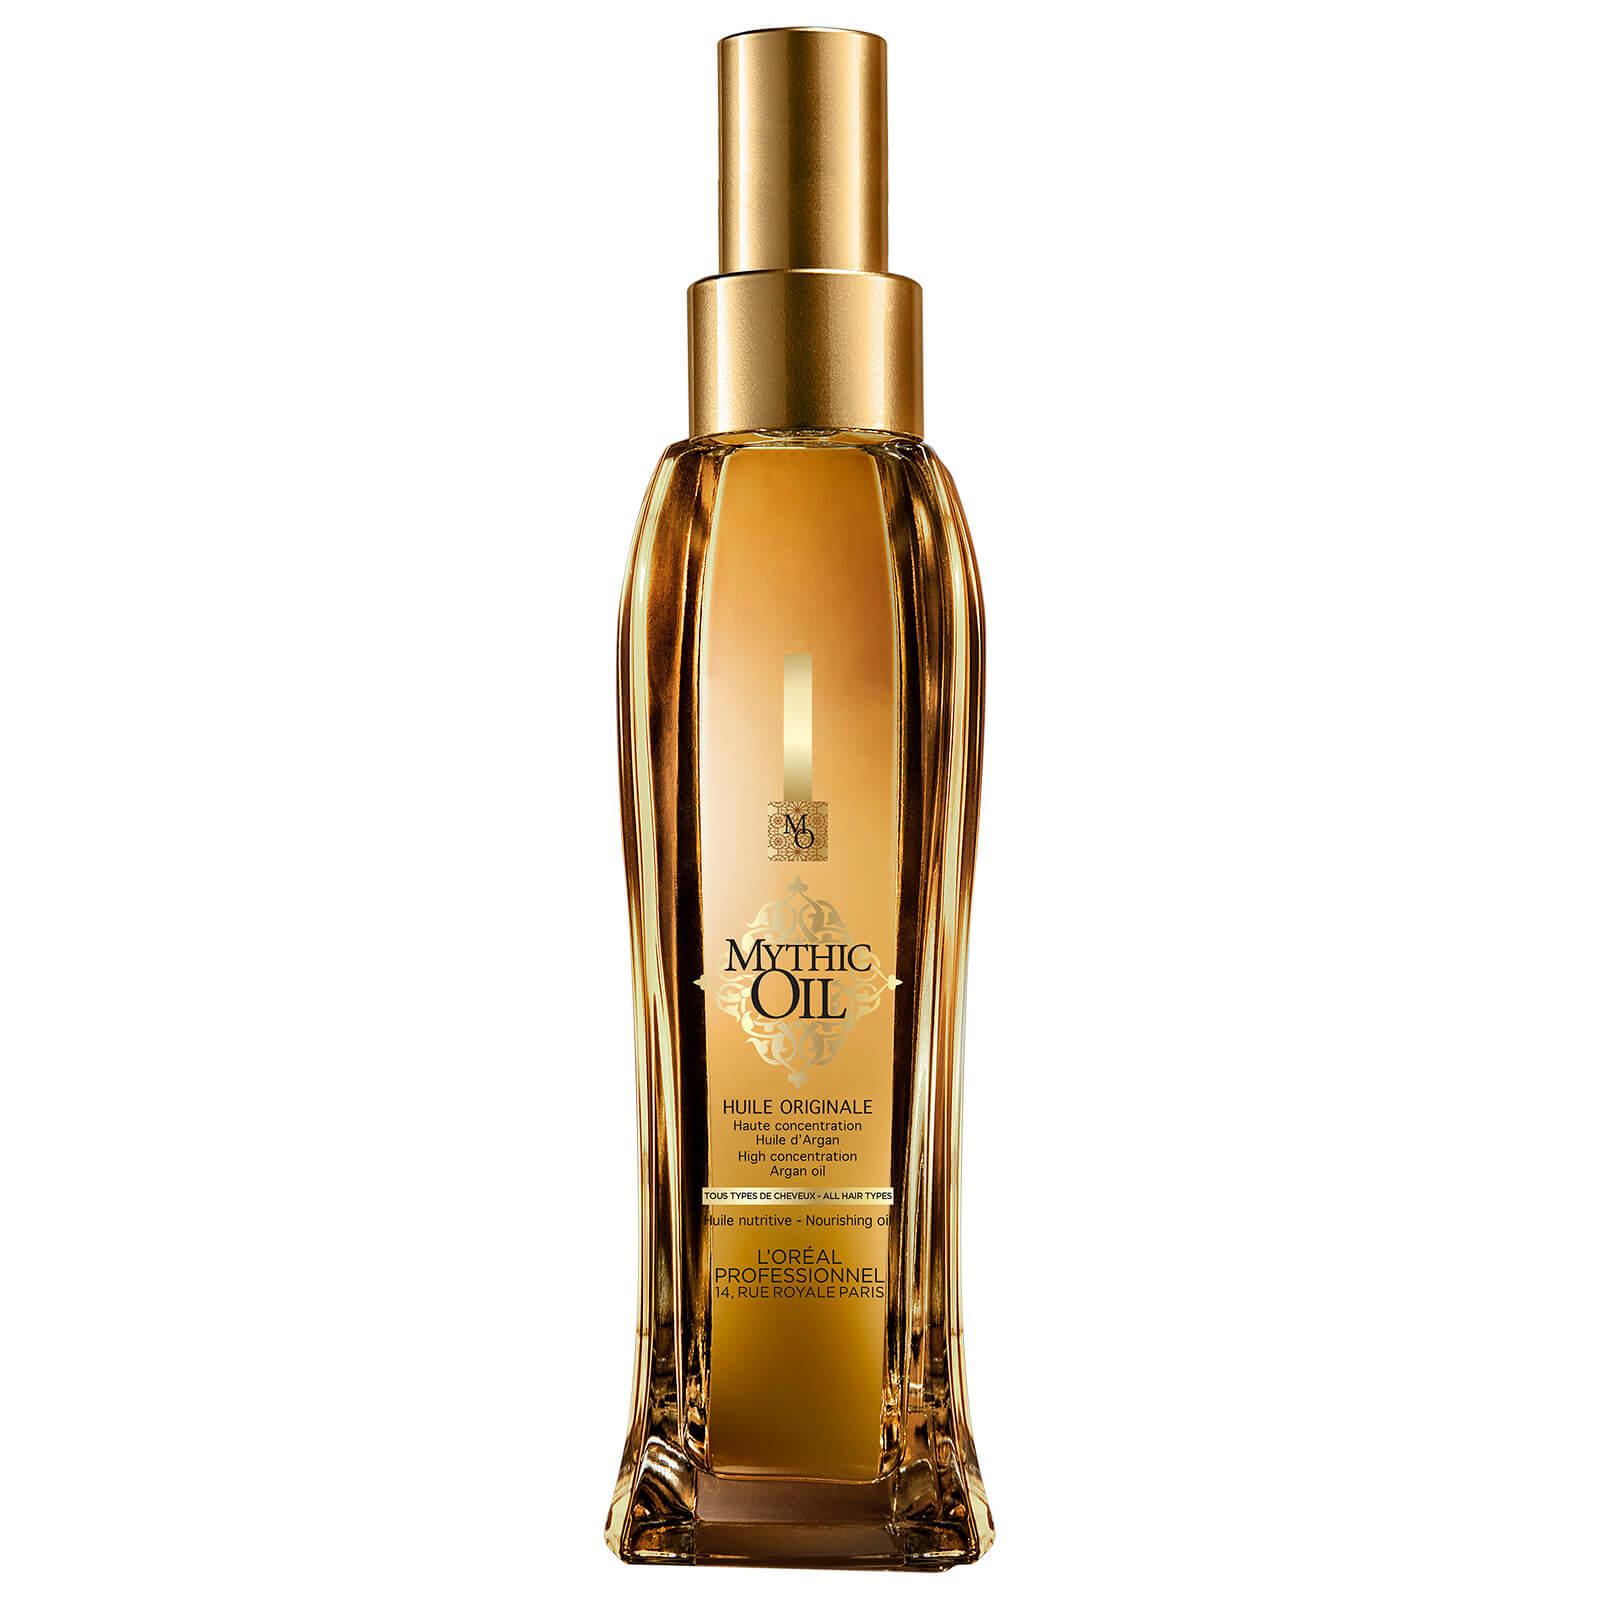 Tinh dầu dưỡng tóc uốn L'oreal Mythic oil